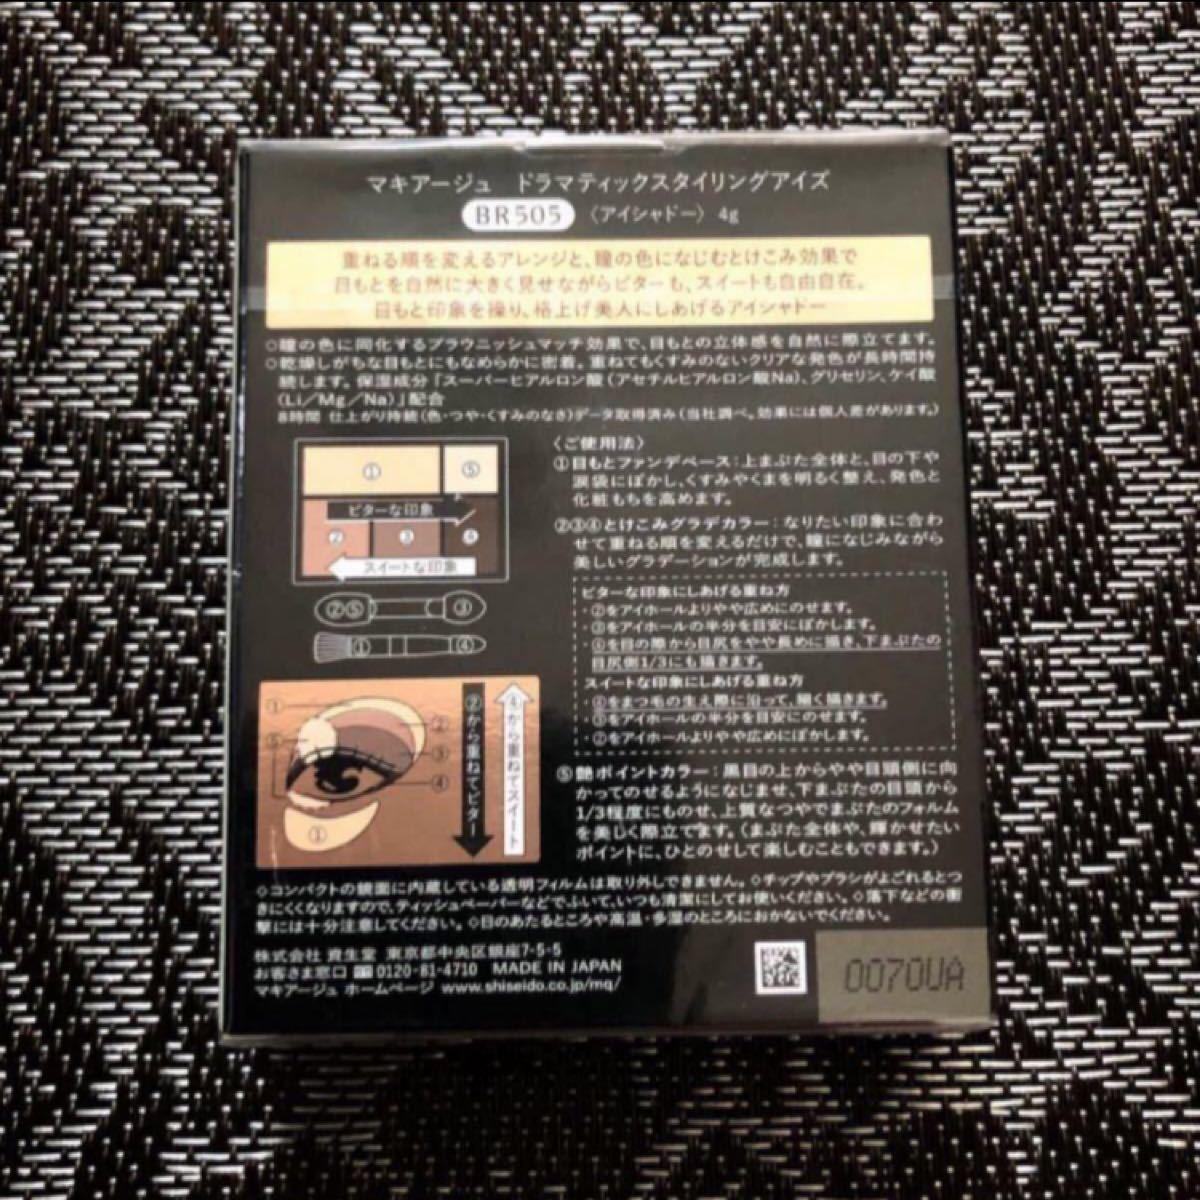 マキアージュ ドラマティックスタイリングアイズBR505